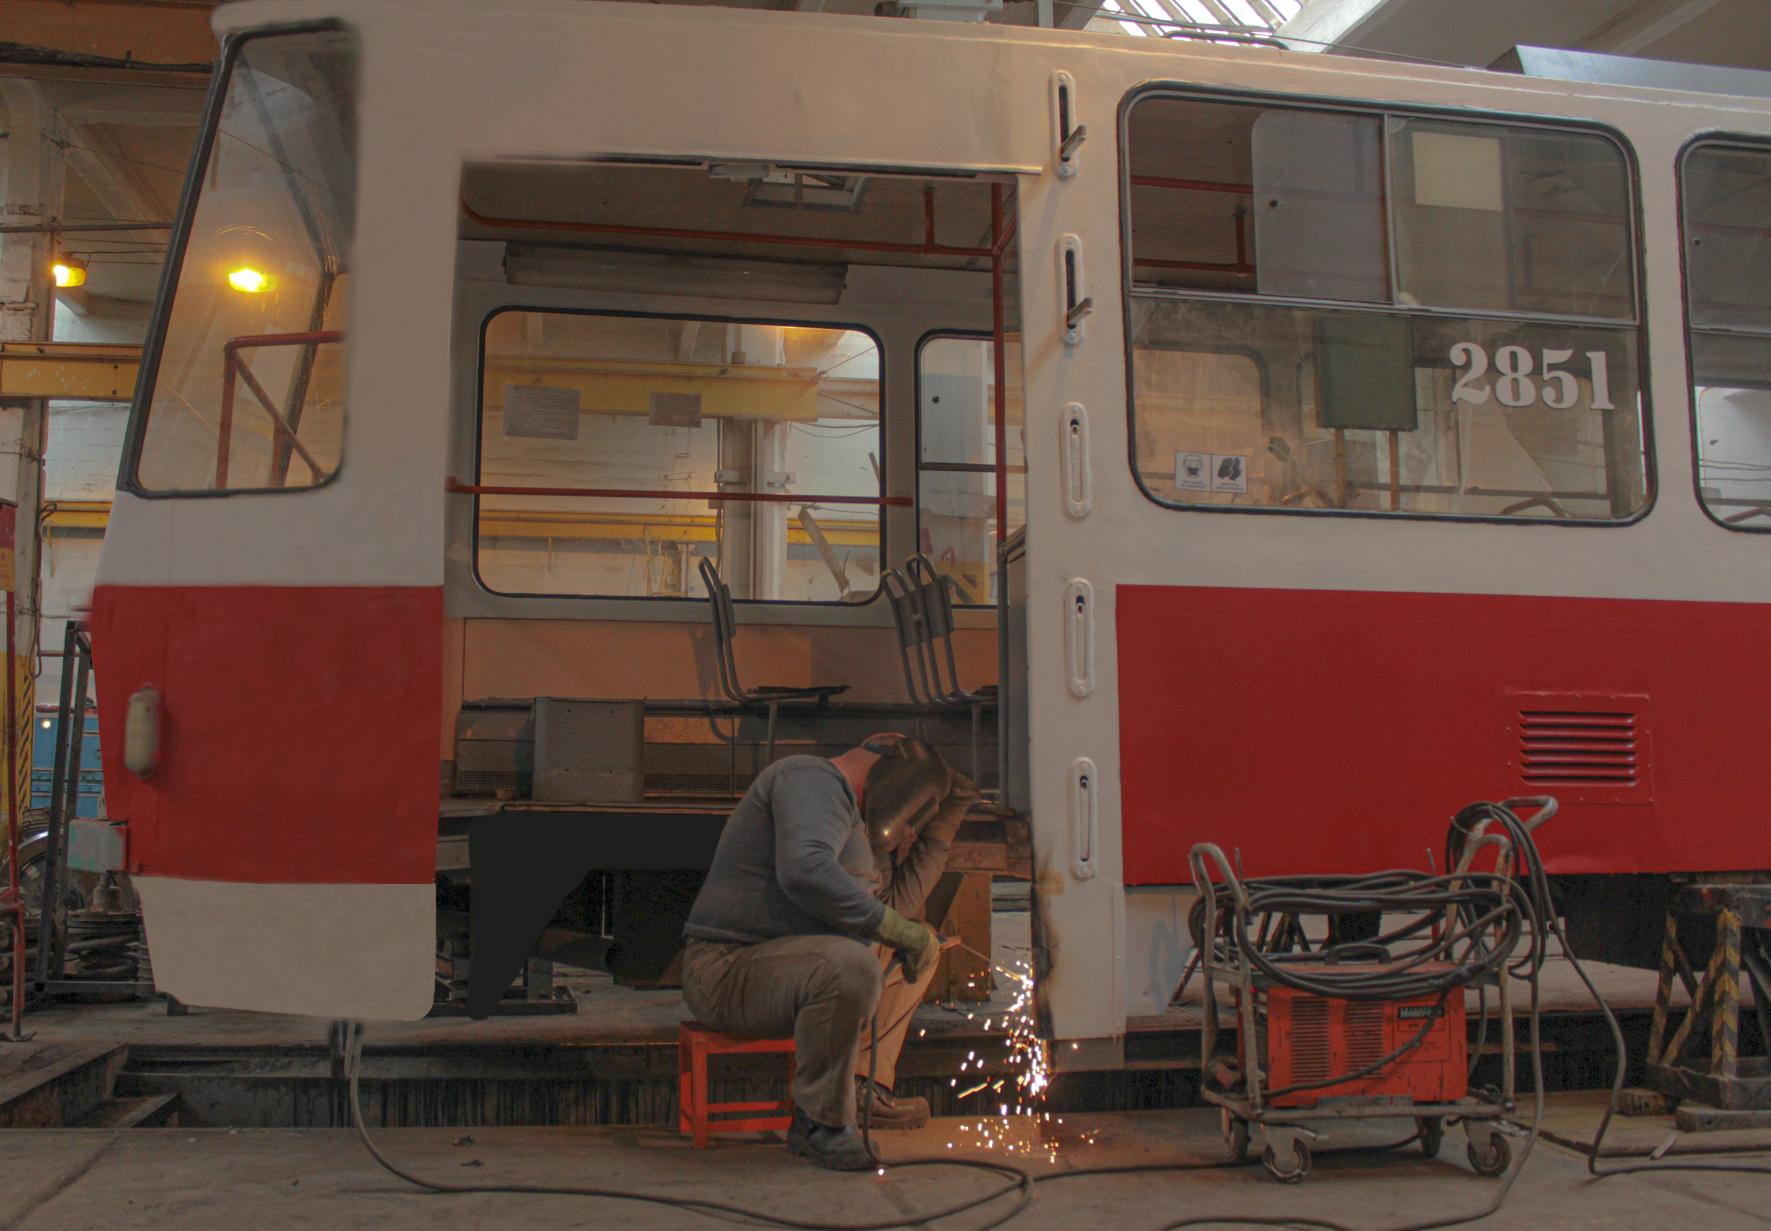 Волгоградский «Метроэлектротранс» снизил время ремонта трамваев благодаря национальному проекту «Производительность труда»